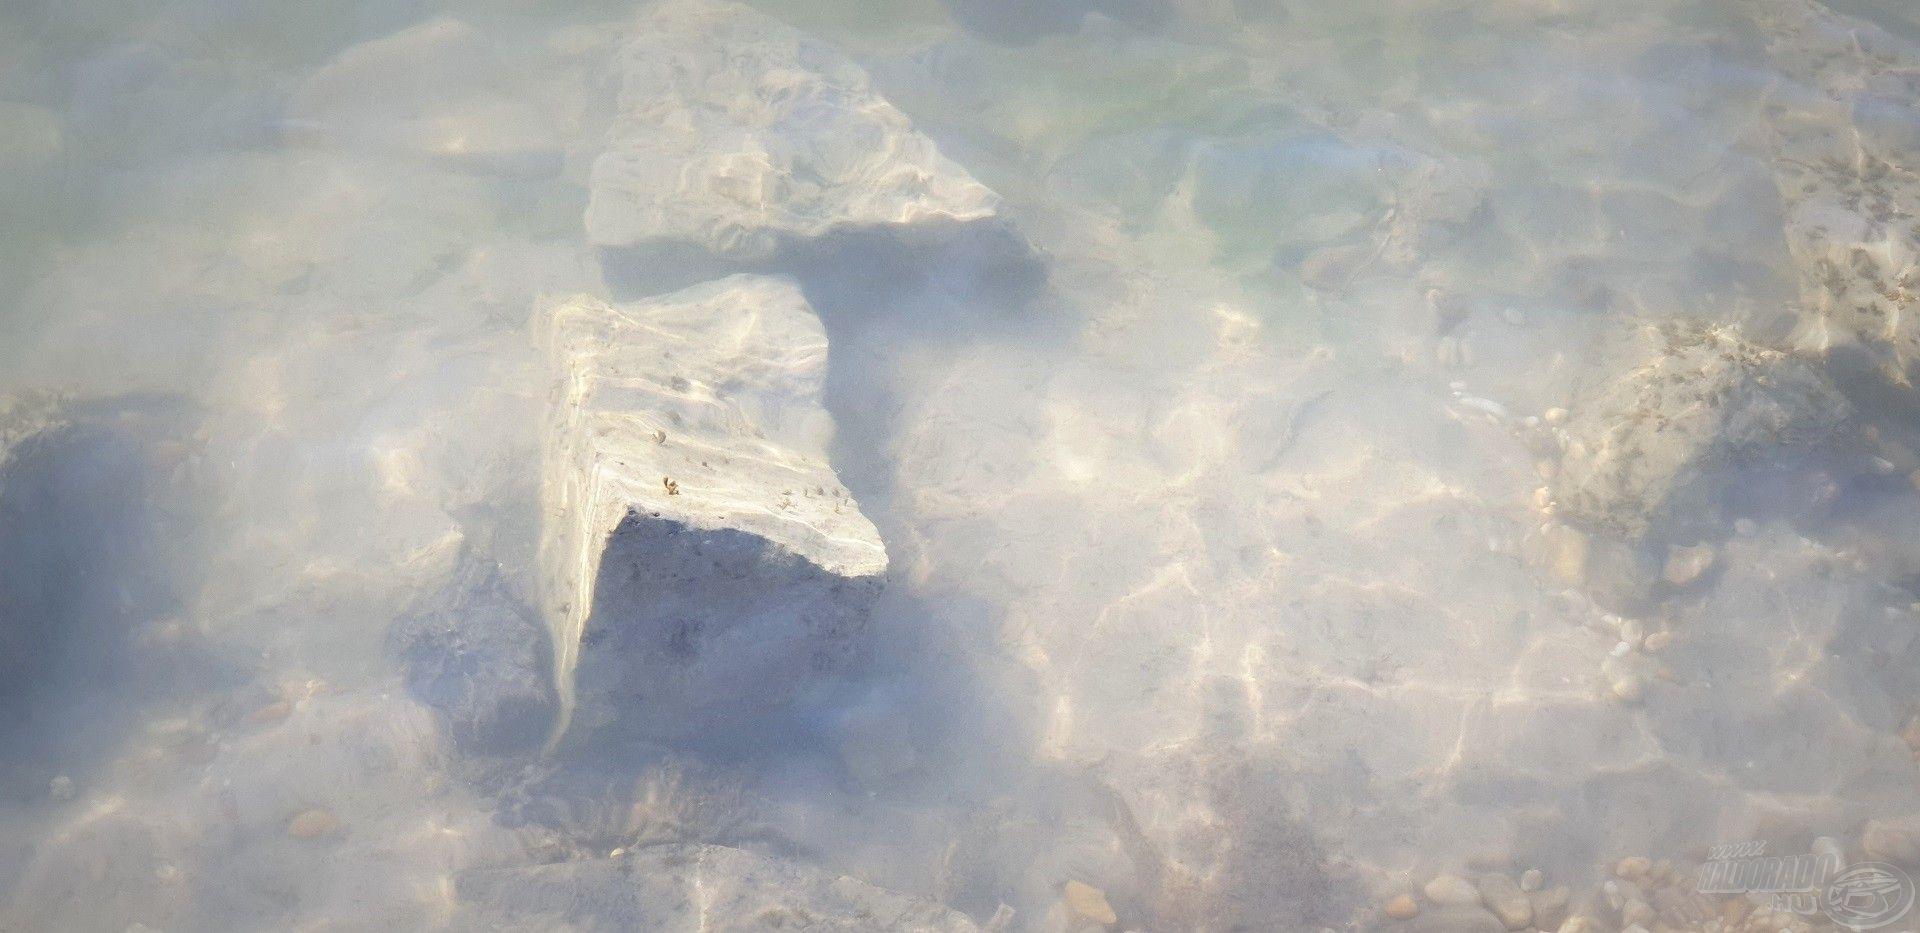 A meder beljebb agyagos szerkezetű és kisebb-nagyobb kövekkel tarkított